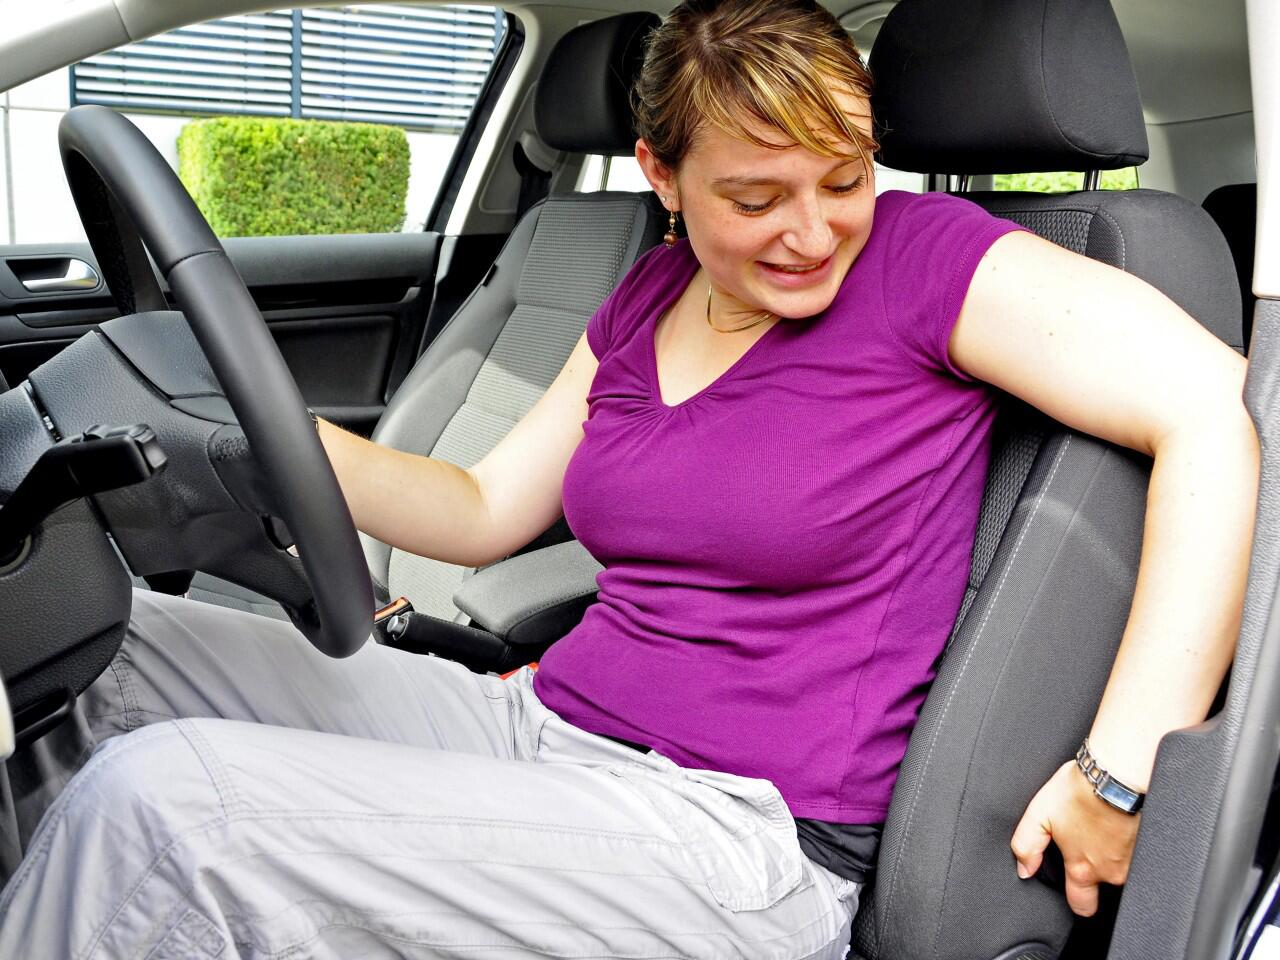 Bild zu Autositz einstellen: Richtige Sitzposition wichtig für Komfort und Sicherheit